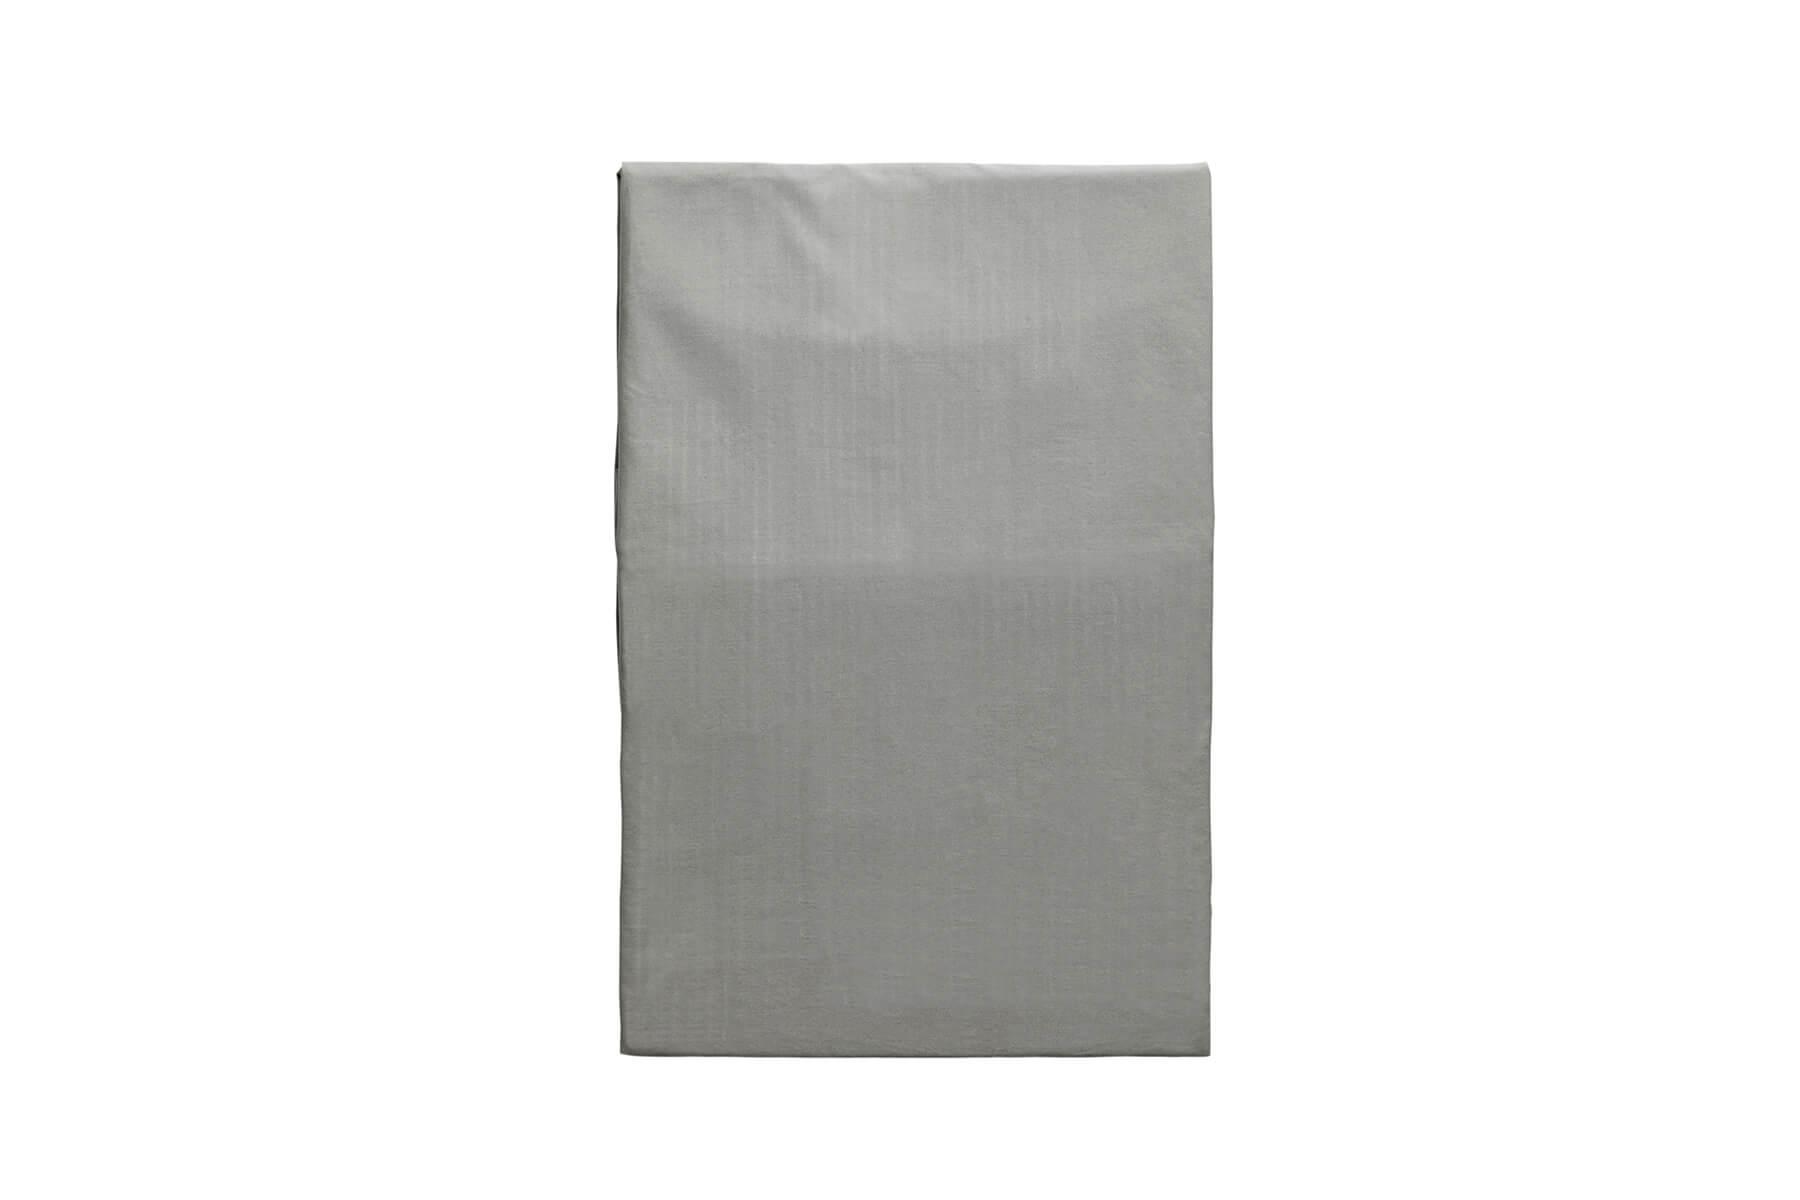 Køb Norhland kuvertlagen GrÃ¥ 200 x 200 cm